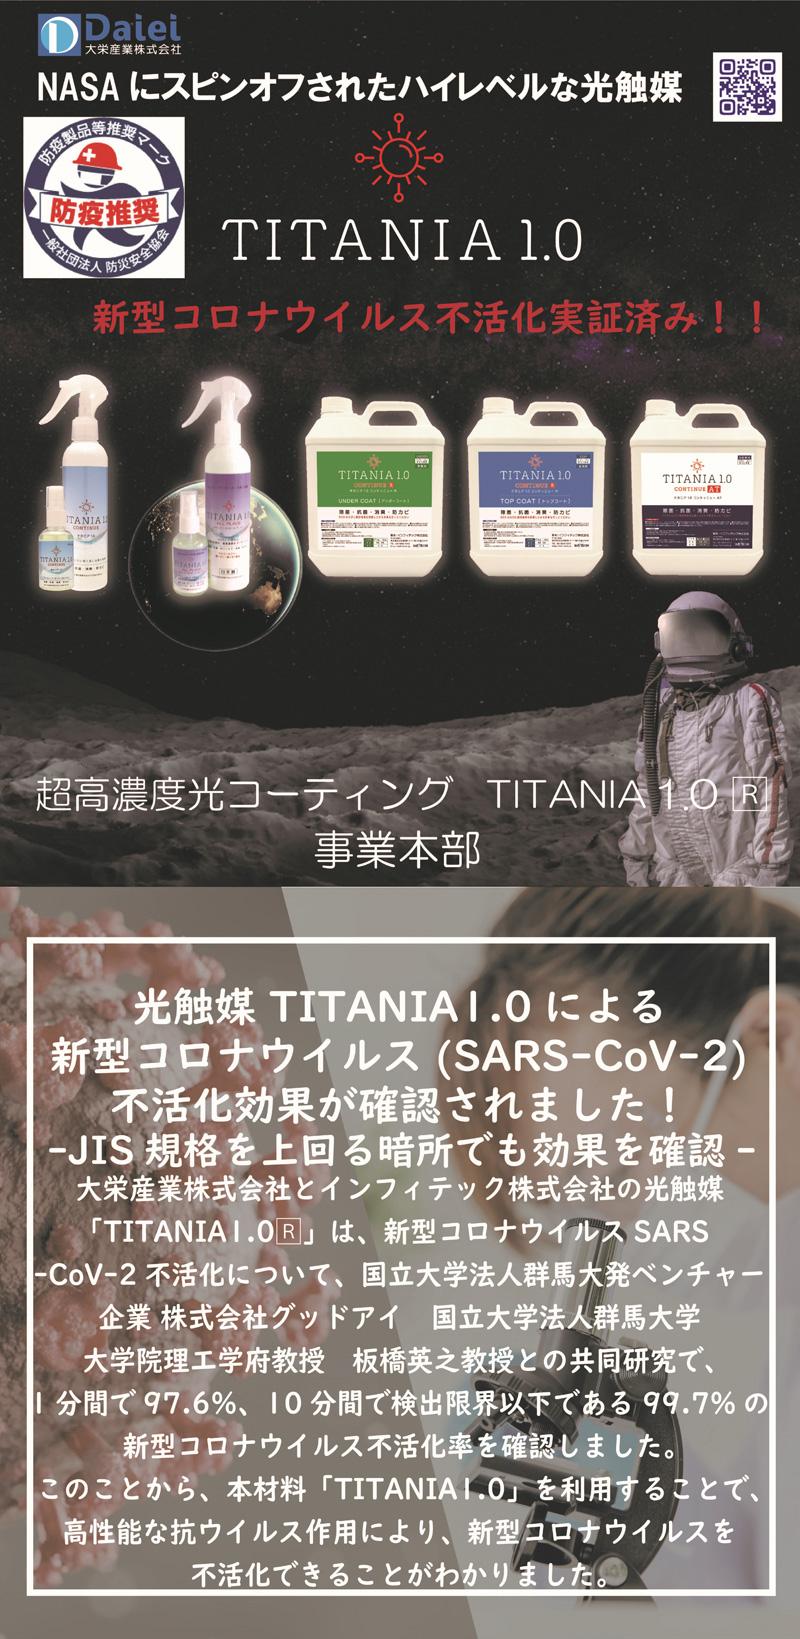 Daiei_TITANIA1.0